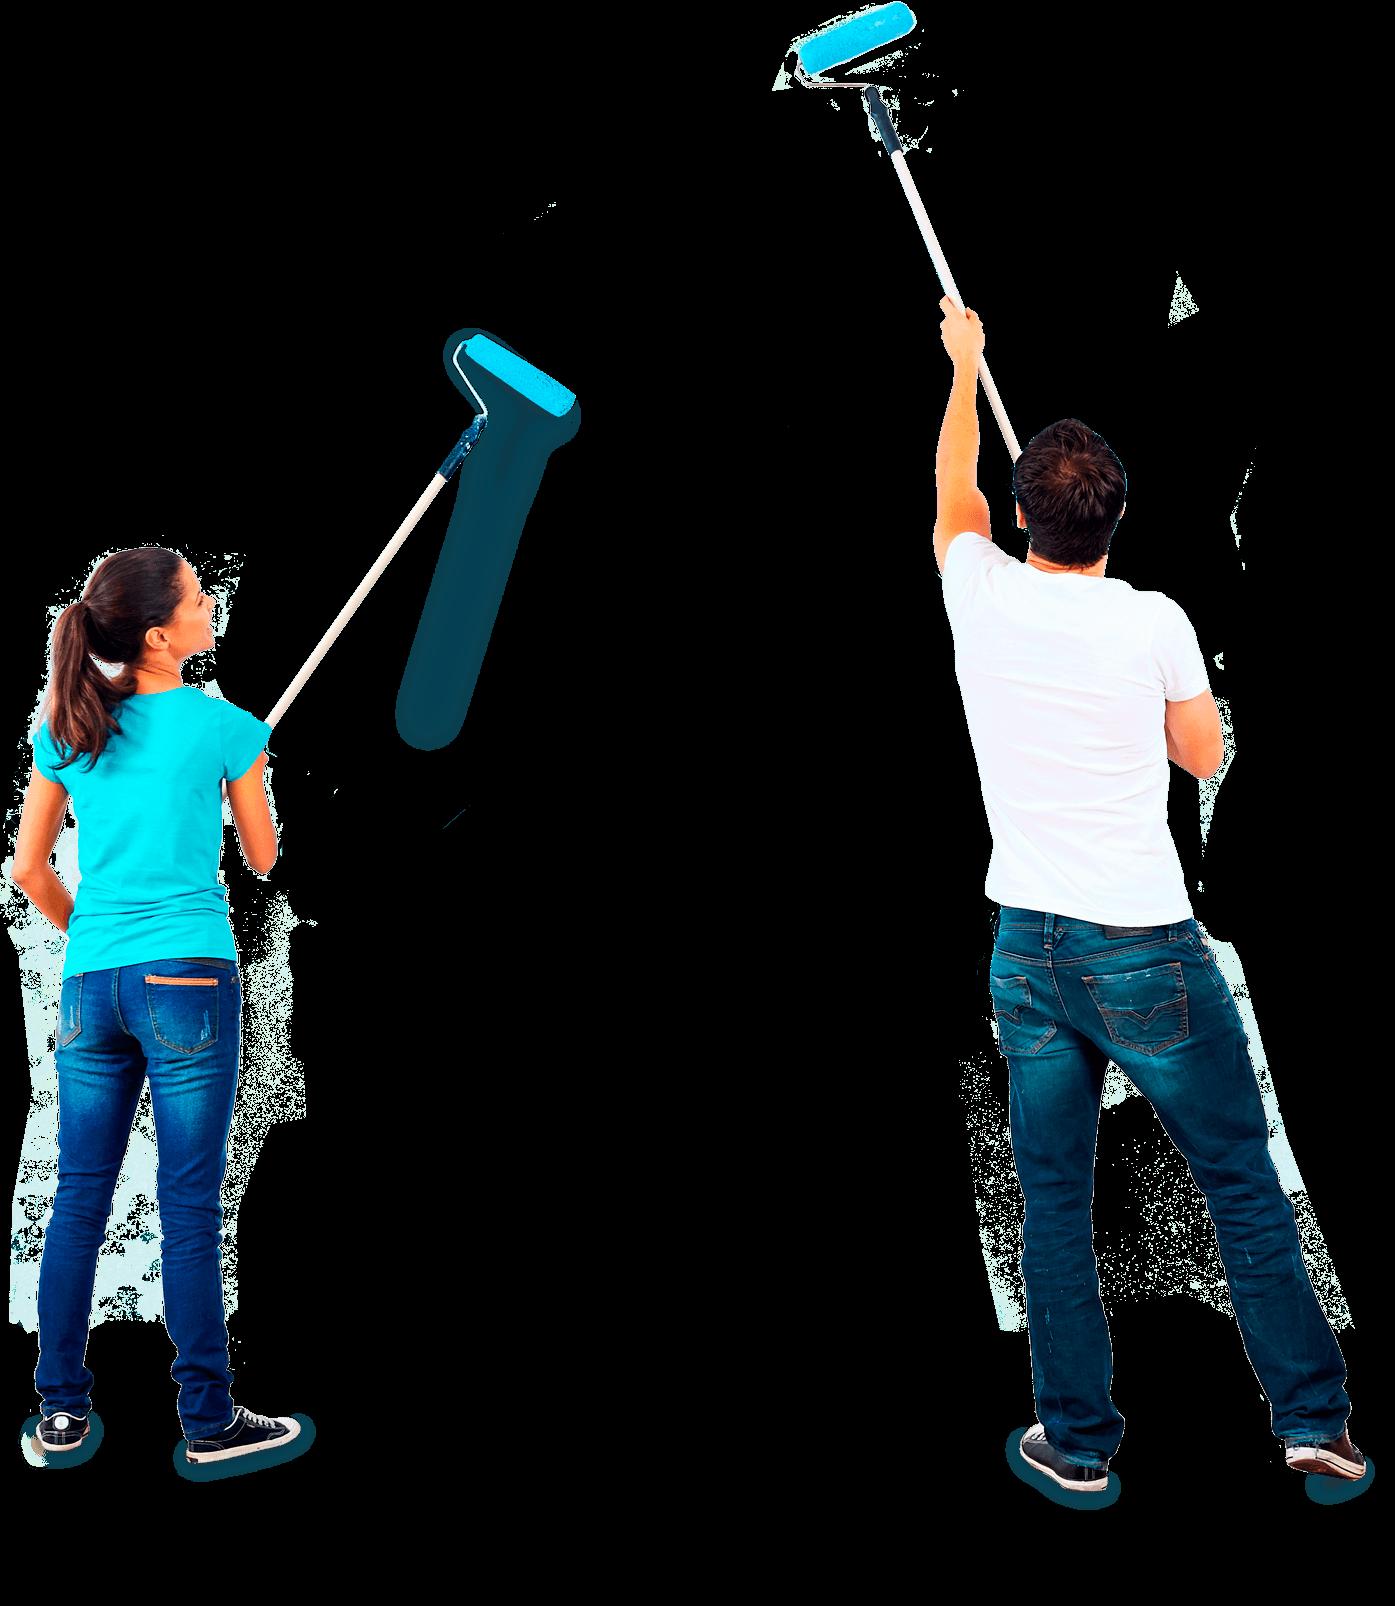 pareja-pintando